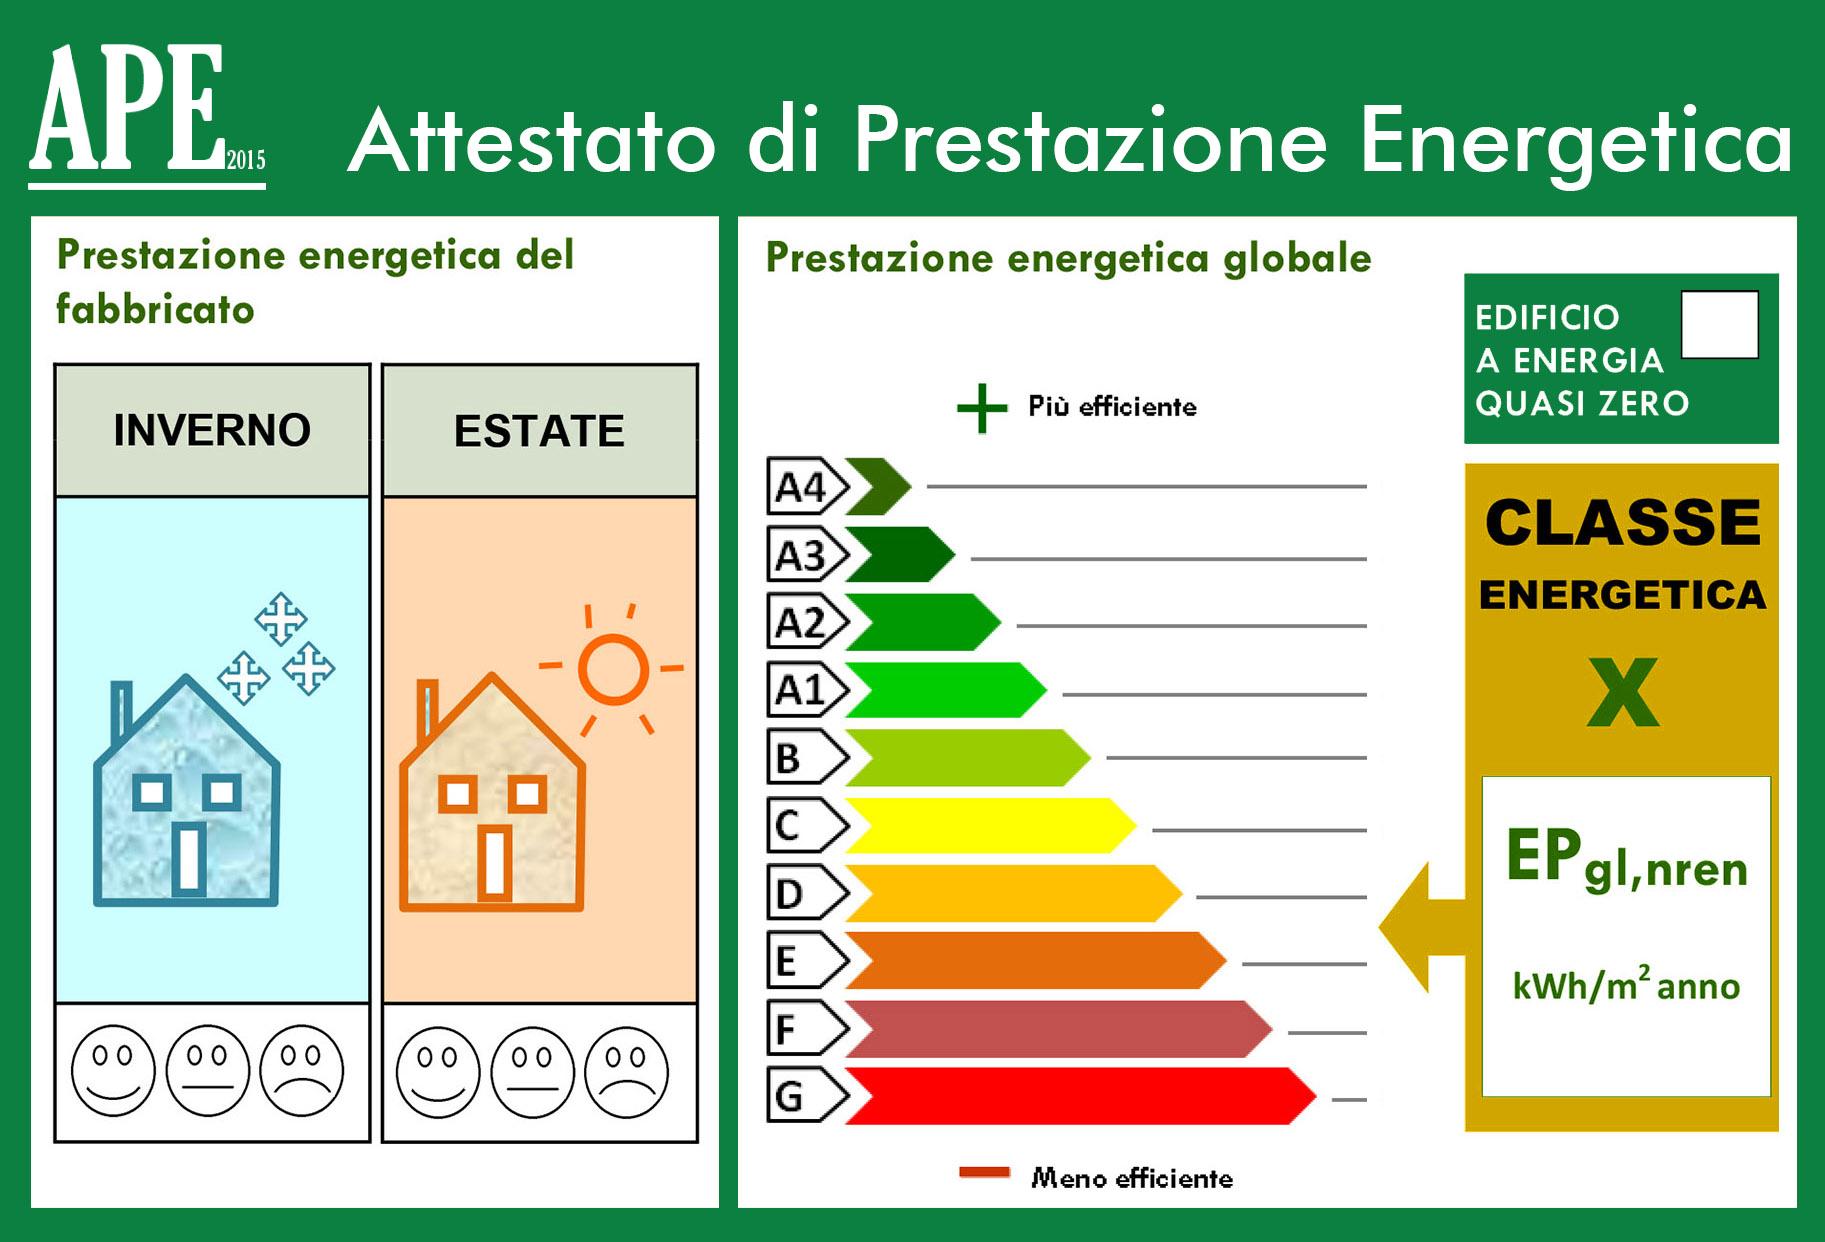 Attestato di Prestazione Energetica o APE